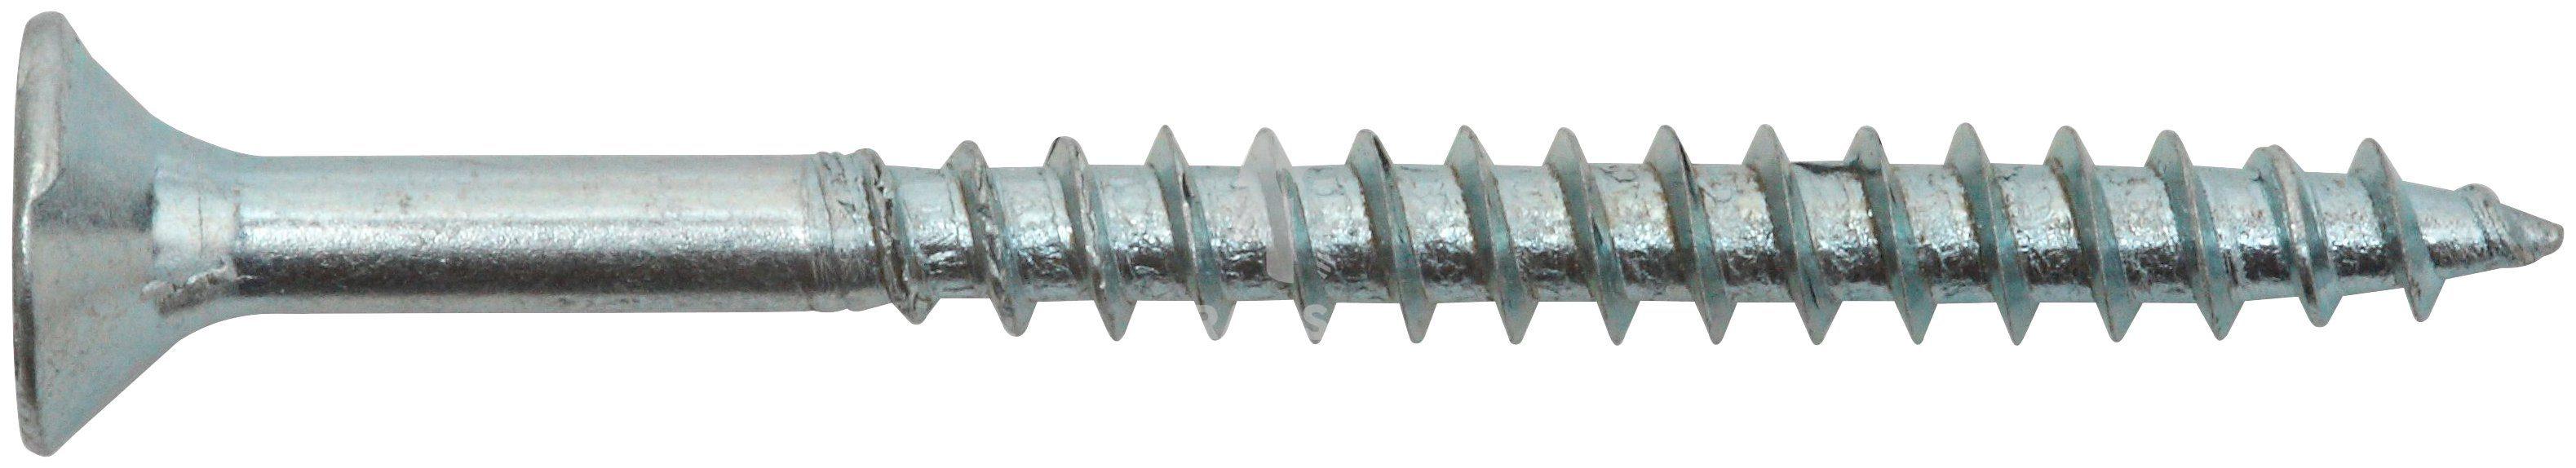 RAMSES Schrauben , Spanplattenschraube 6 x 150 mm PZ3 50 Stk.